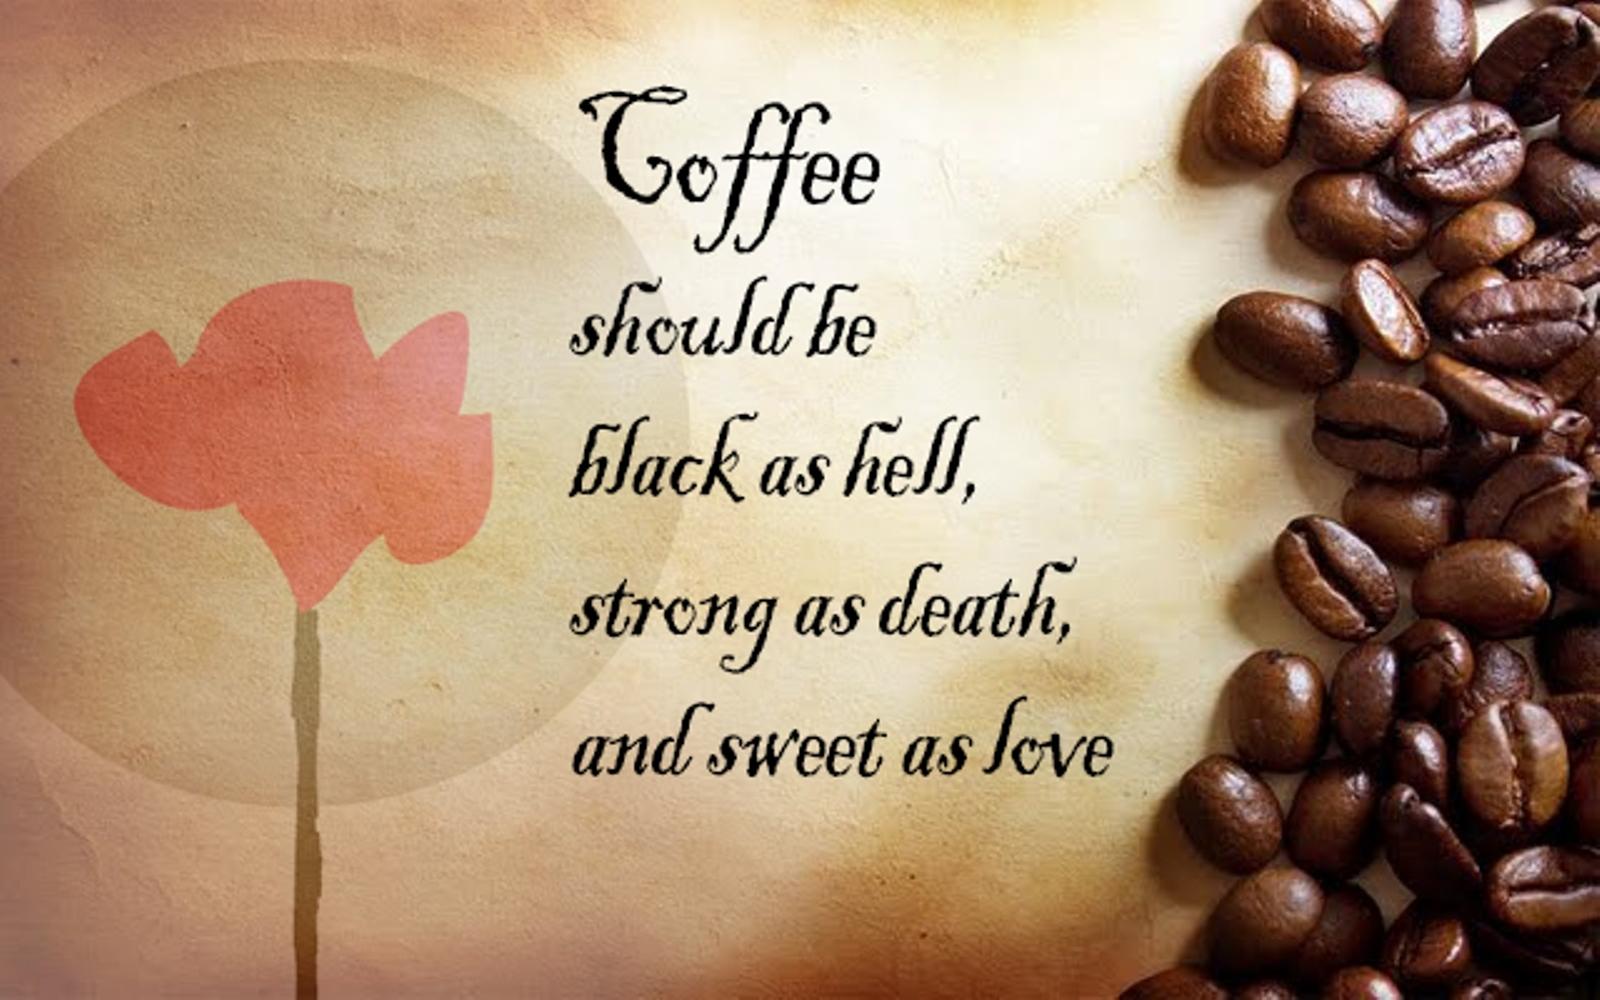 Aforismi Sul Caffe